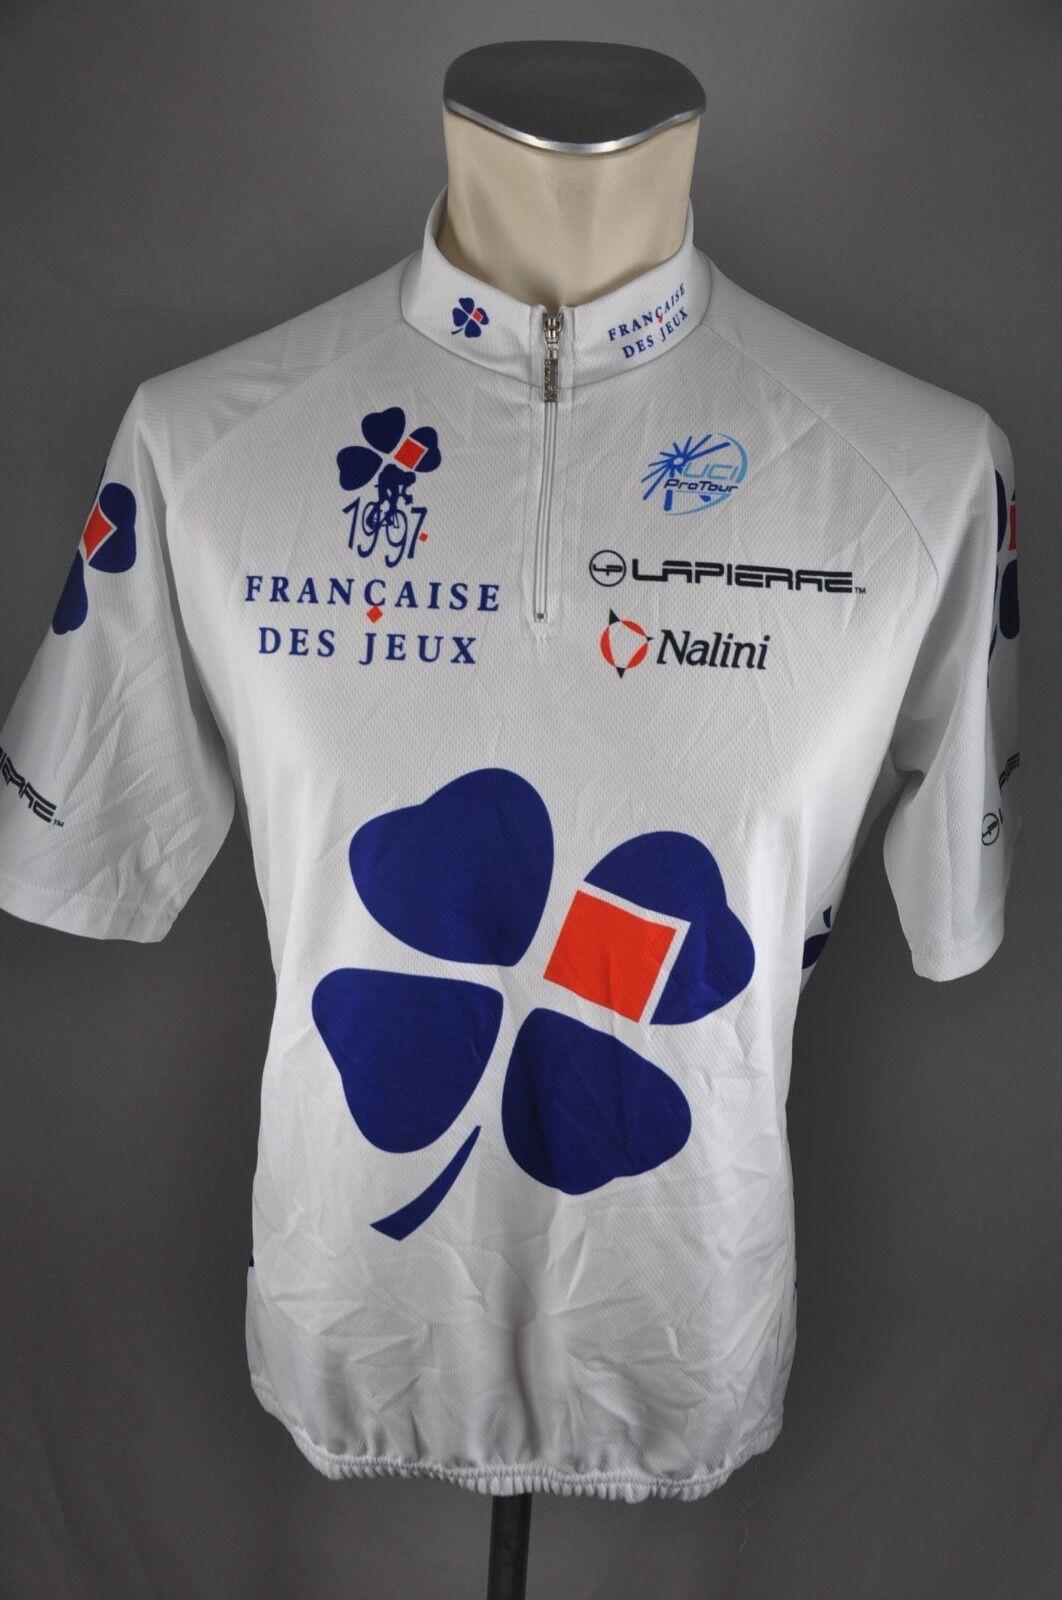 Nalini Francaise des jeux 97  Rad Trikot Gr. 6 L 56cm jersey Fahrrad cycling L5  sale